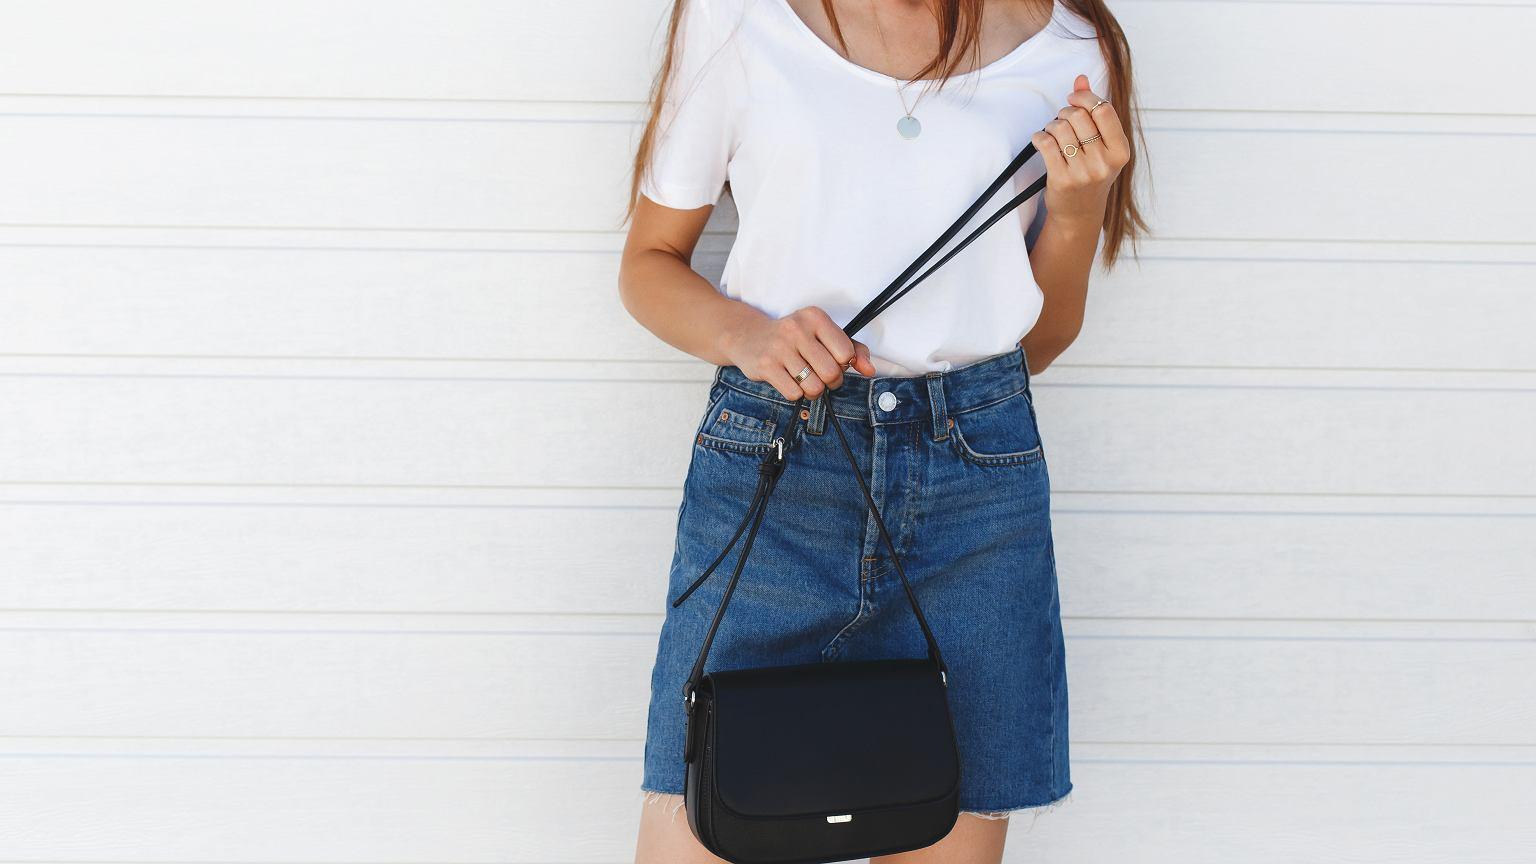 4665ccedd540bd Spódnica jeansowa - dla kogo i do czego? Najmodniejsze fasony i propozycje  stylizacji